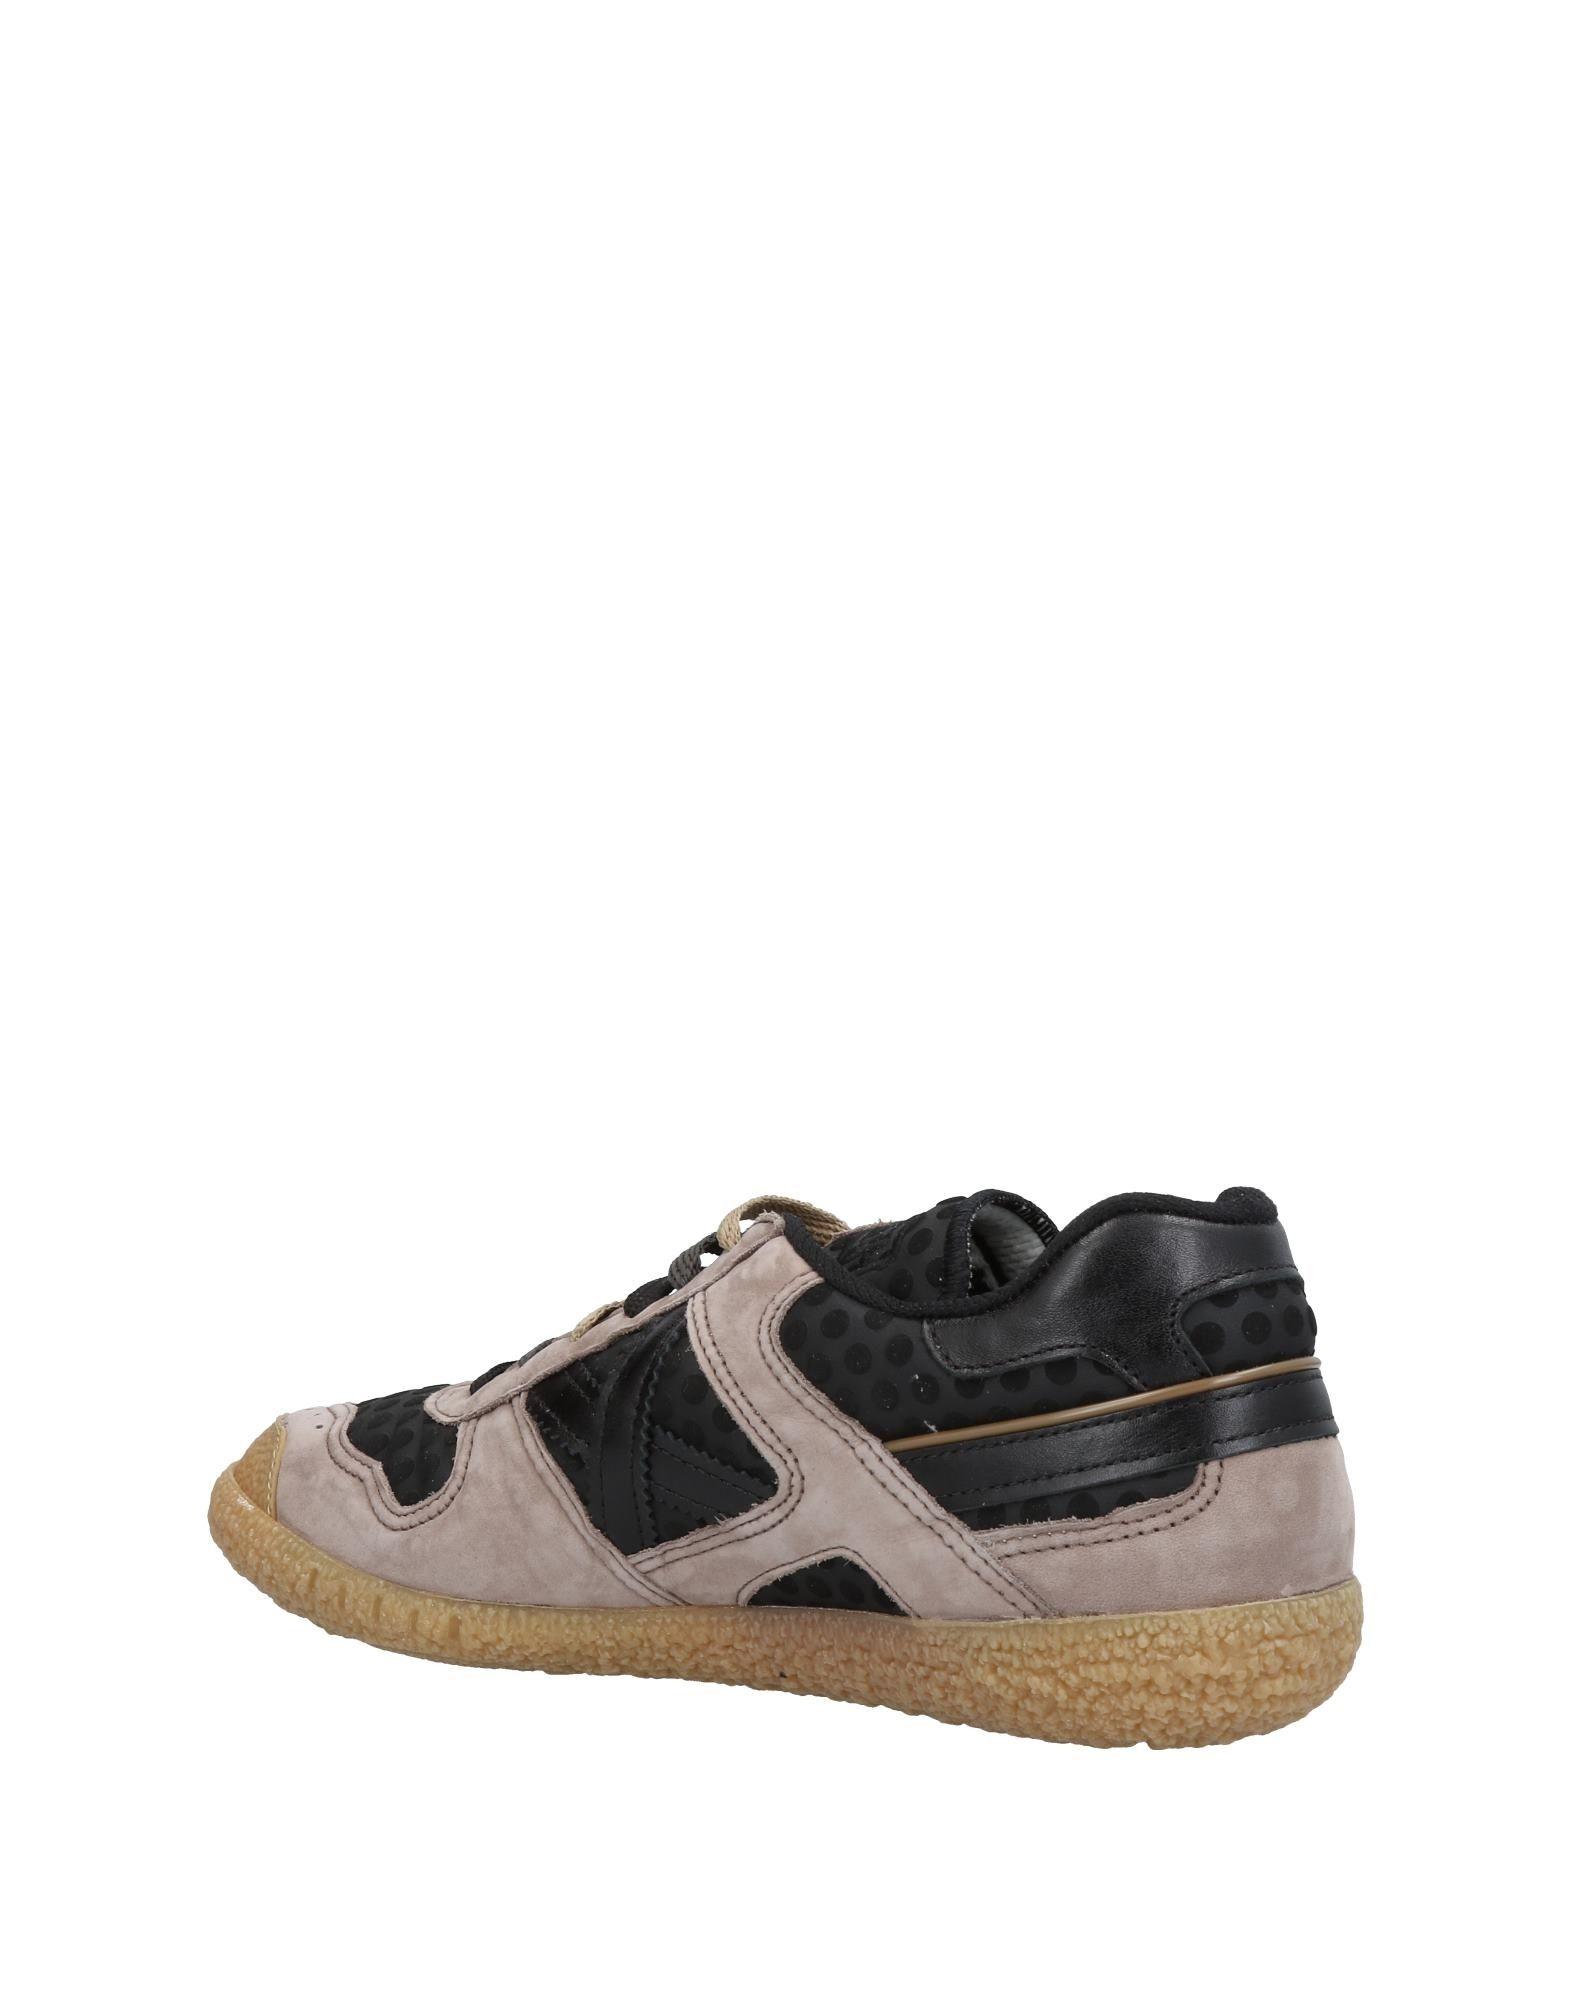 Munich Sneakers Sneakers Munich Damen  11454004FP Heiße Schuhe 46a8e0